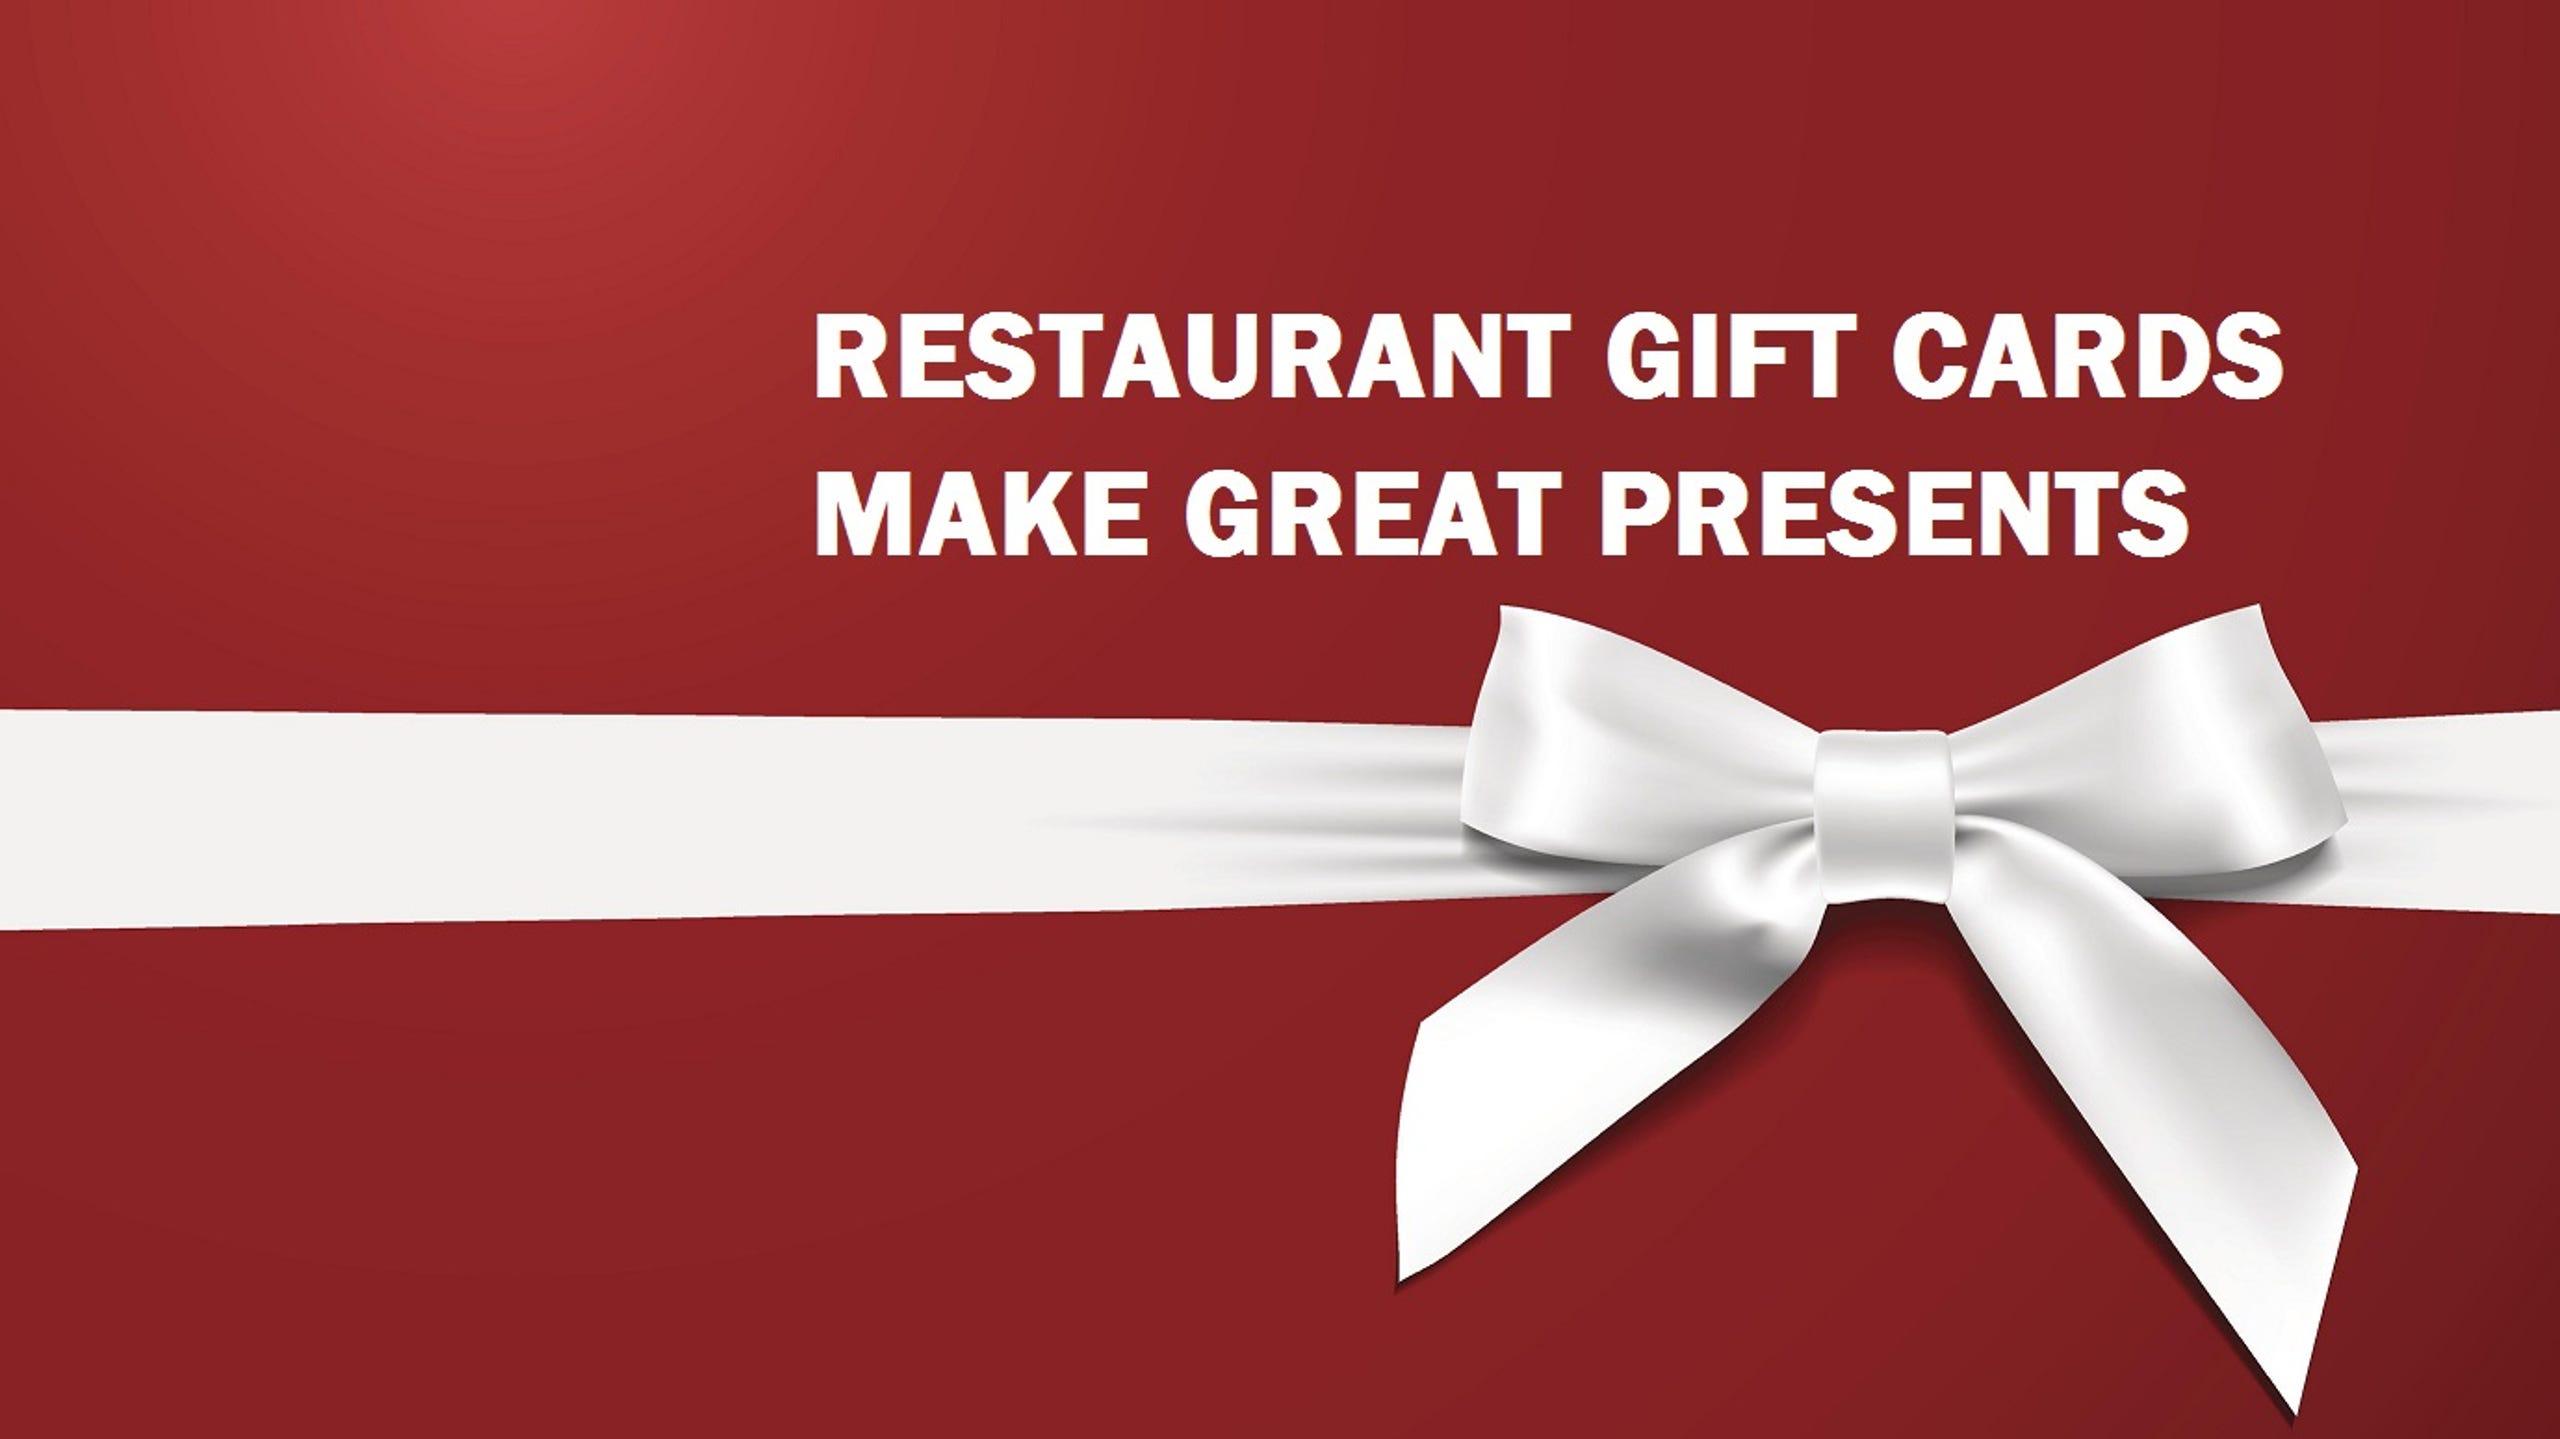 Restaurant Gift Card Deals 2018